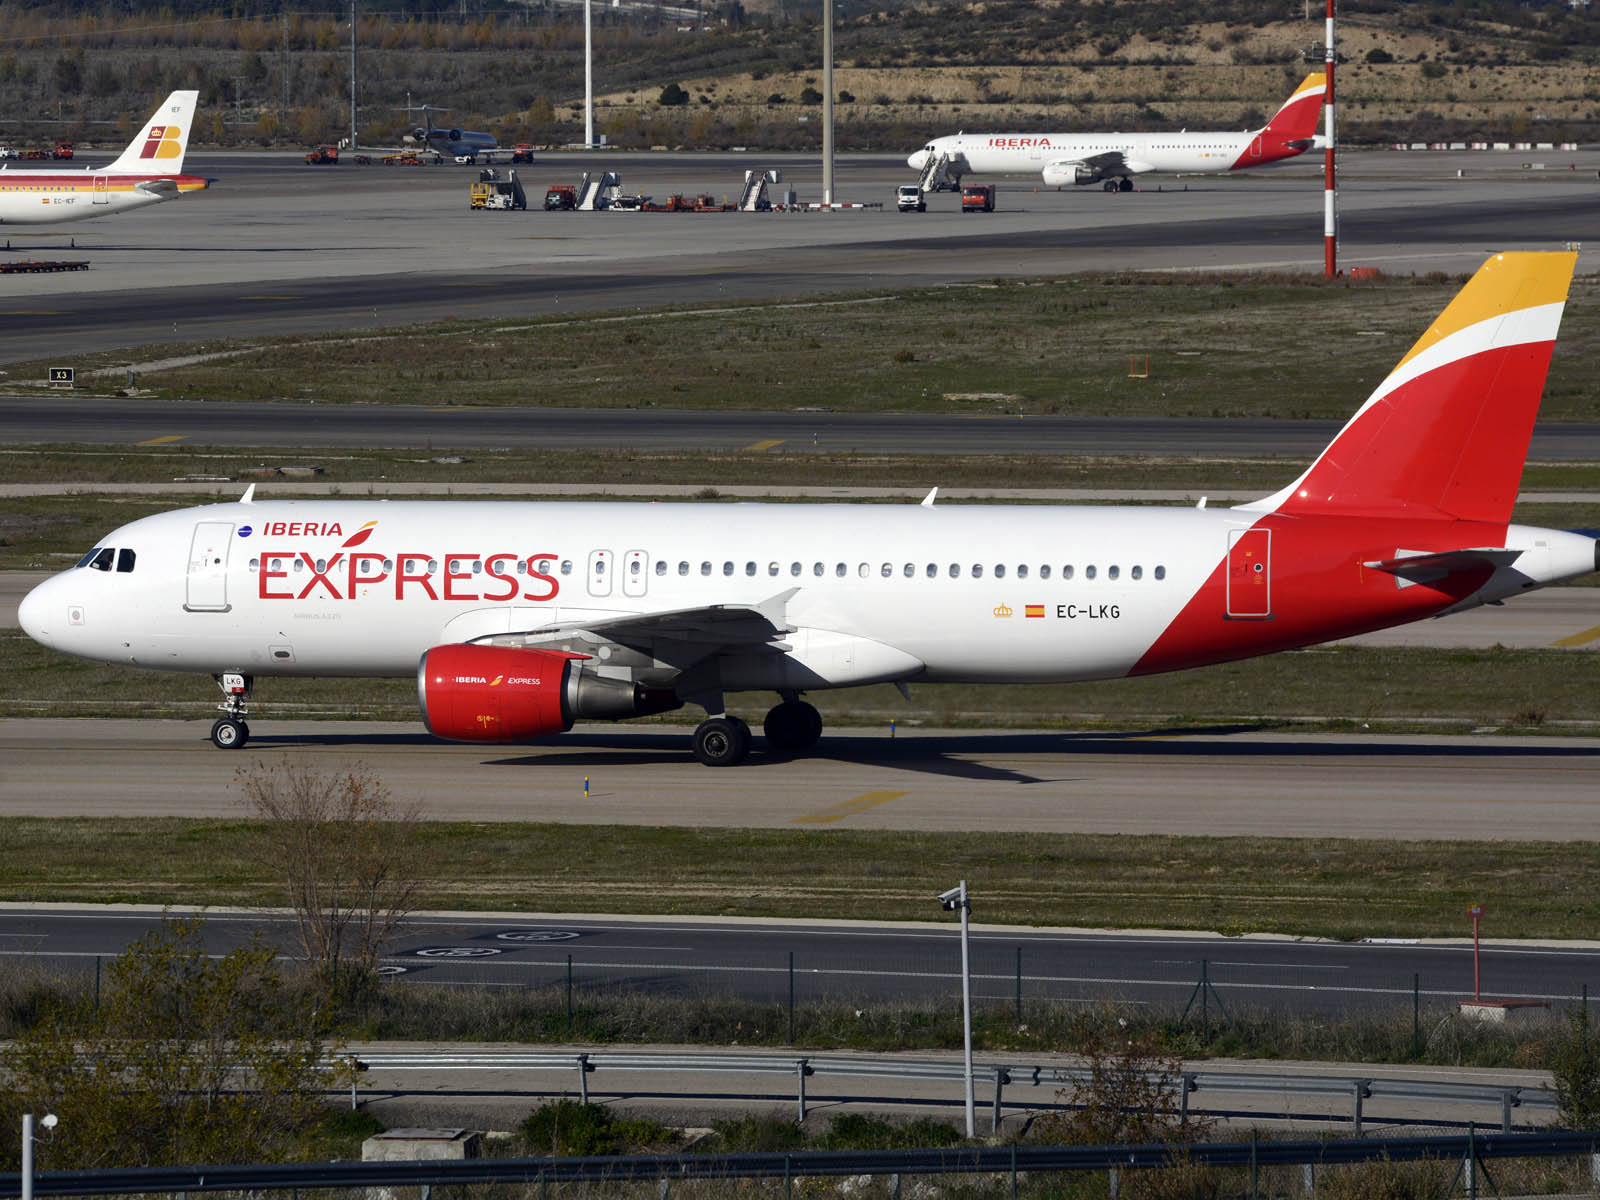 Manchester y Paris, los dos nuevos destinos de Iberia Express.